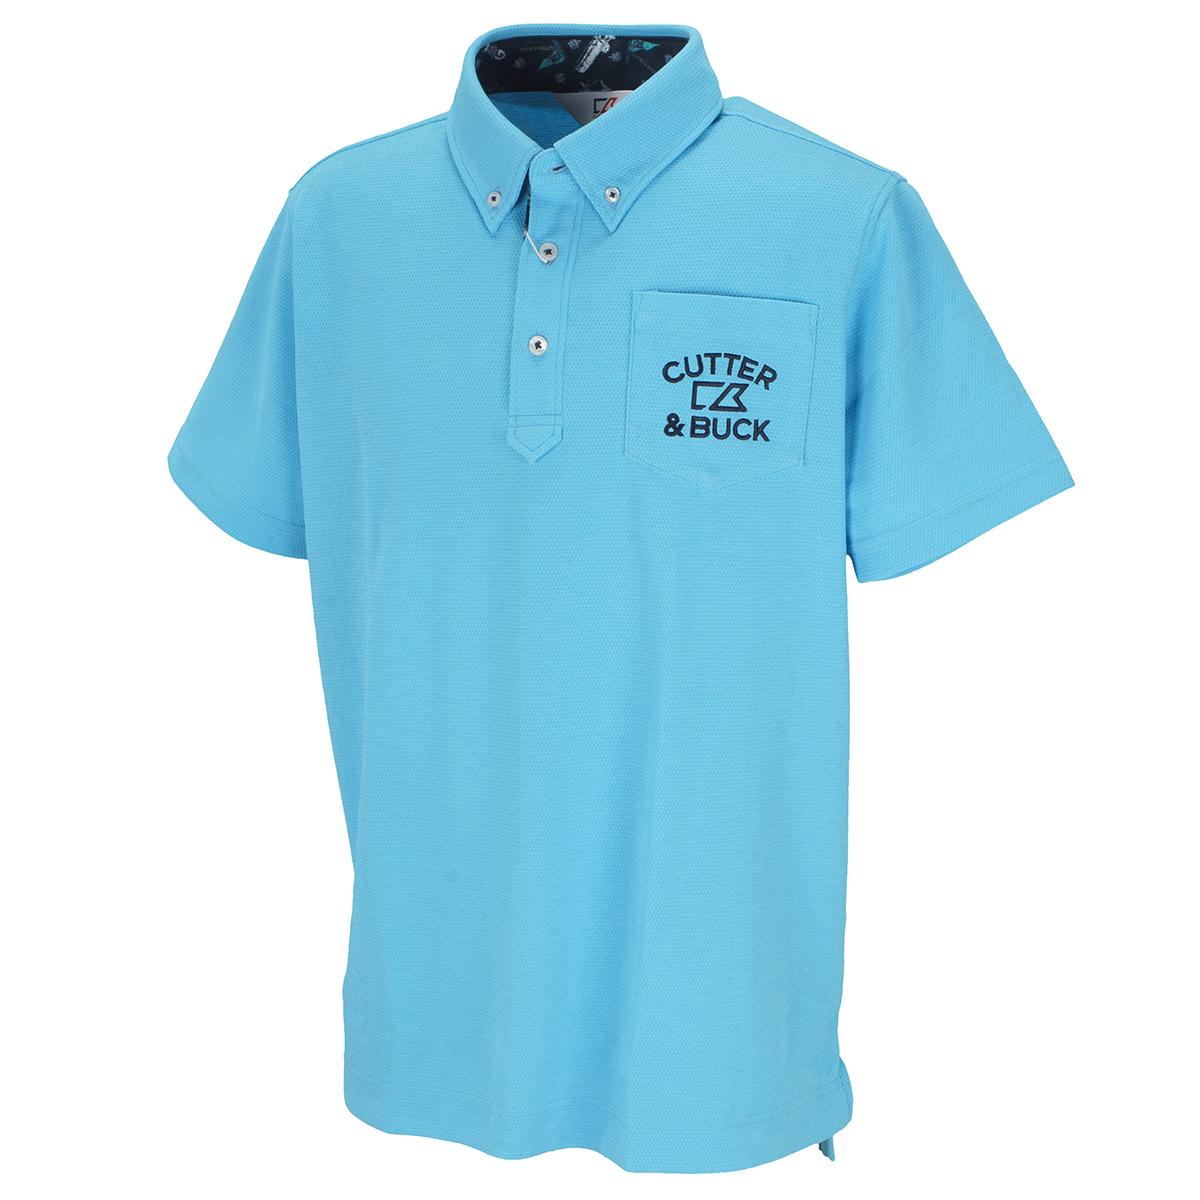 ビックハニカム ボタンダウンカラー 半袖ニットポロシャツ